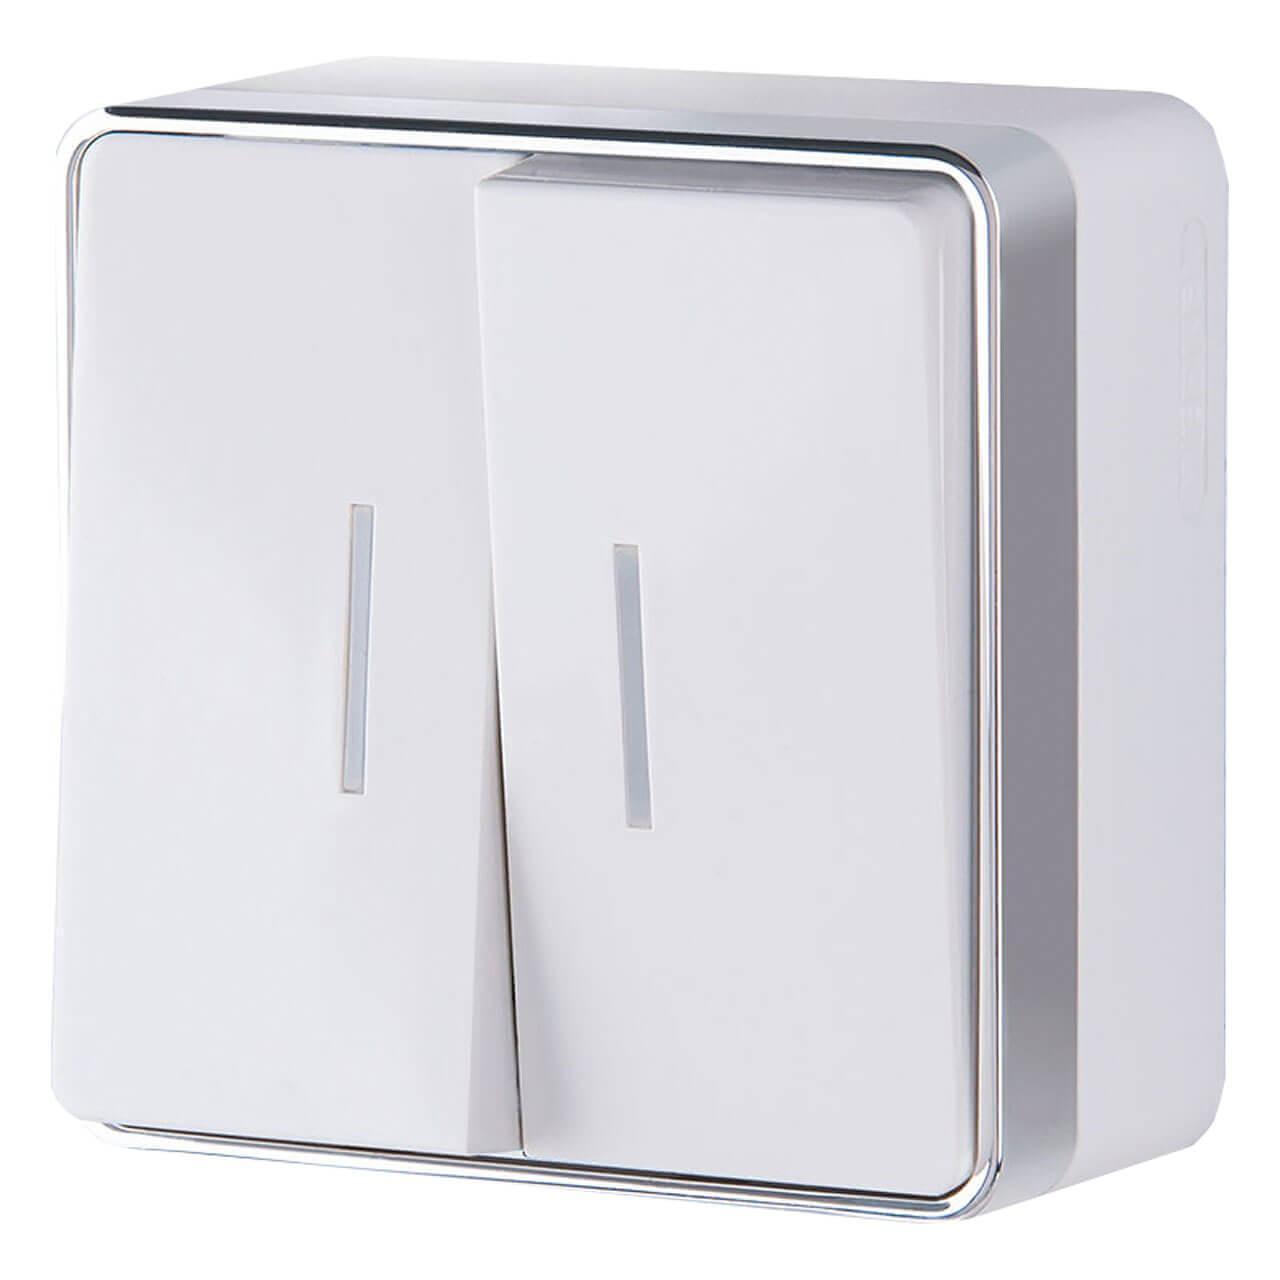 Выключатель Werkel двухклавишный с подсветкой Gallant белый WL15-03-03 4690389102073